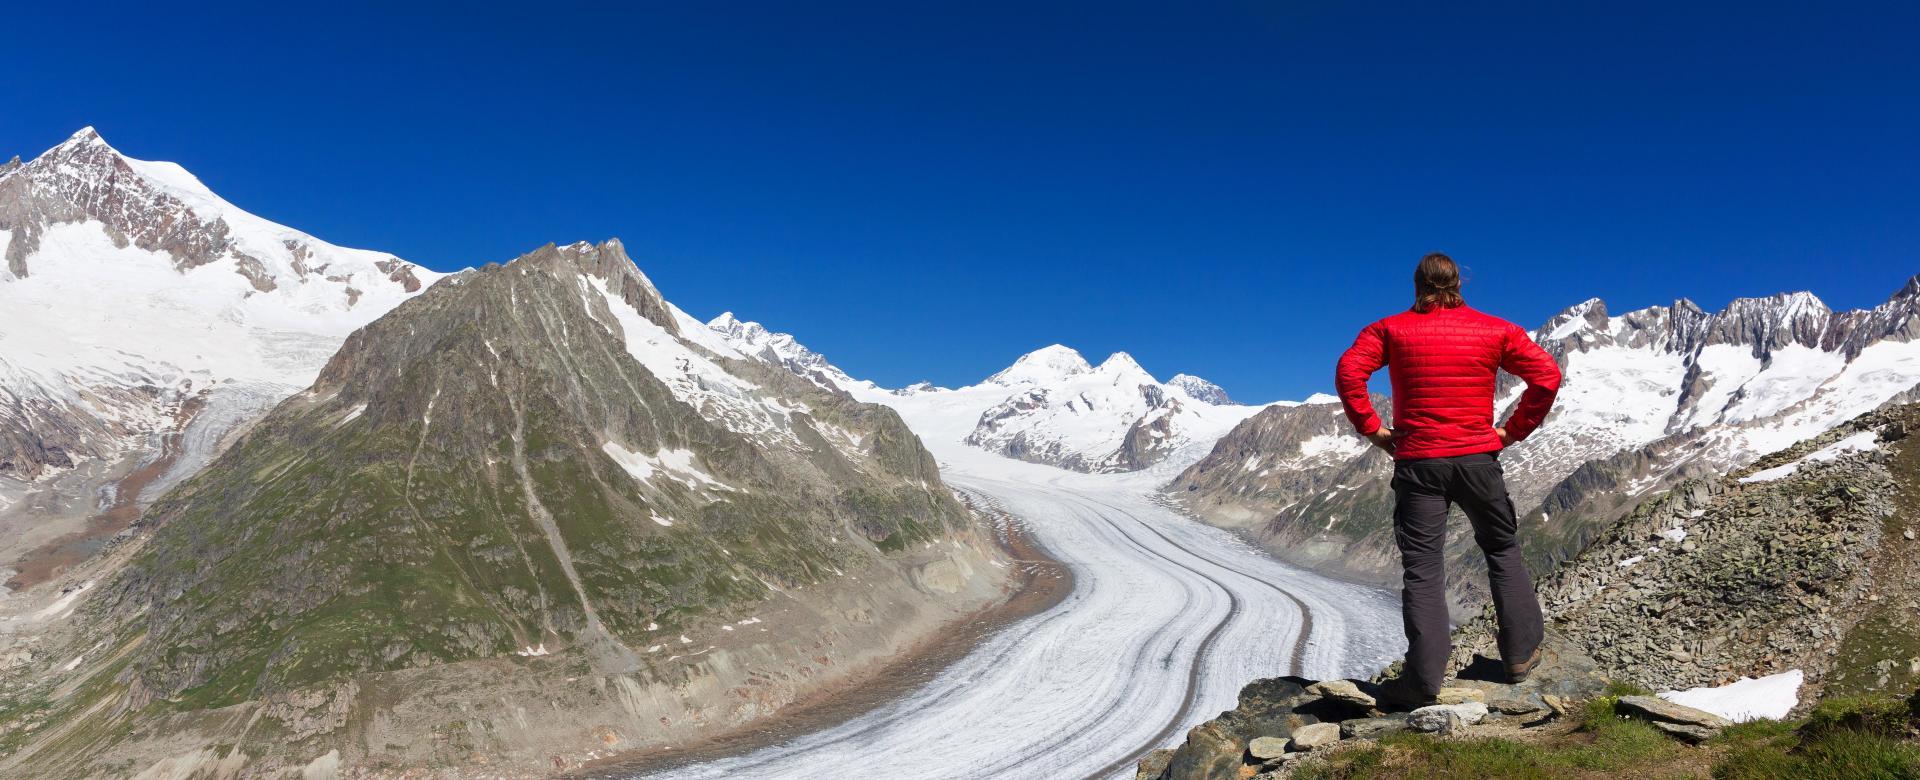 Voyage à pied Suisse : Rando-forme à aletsch